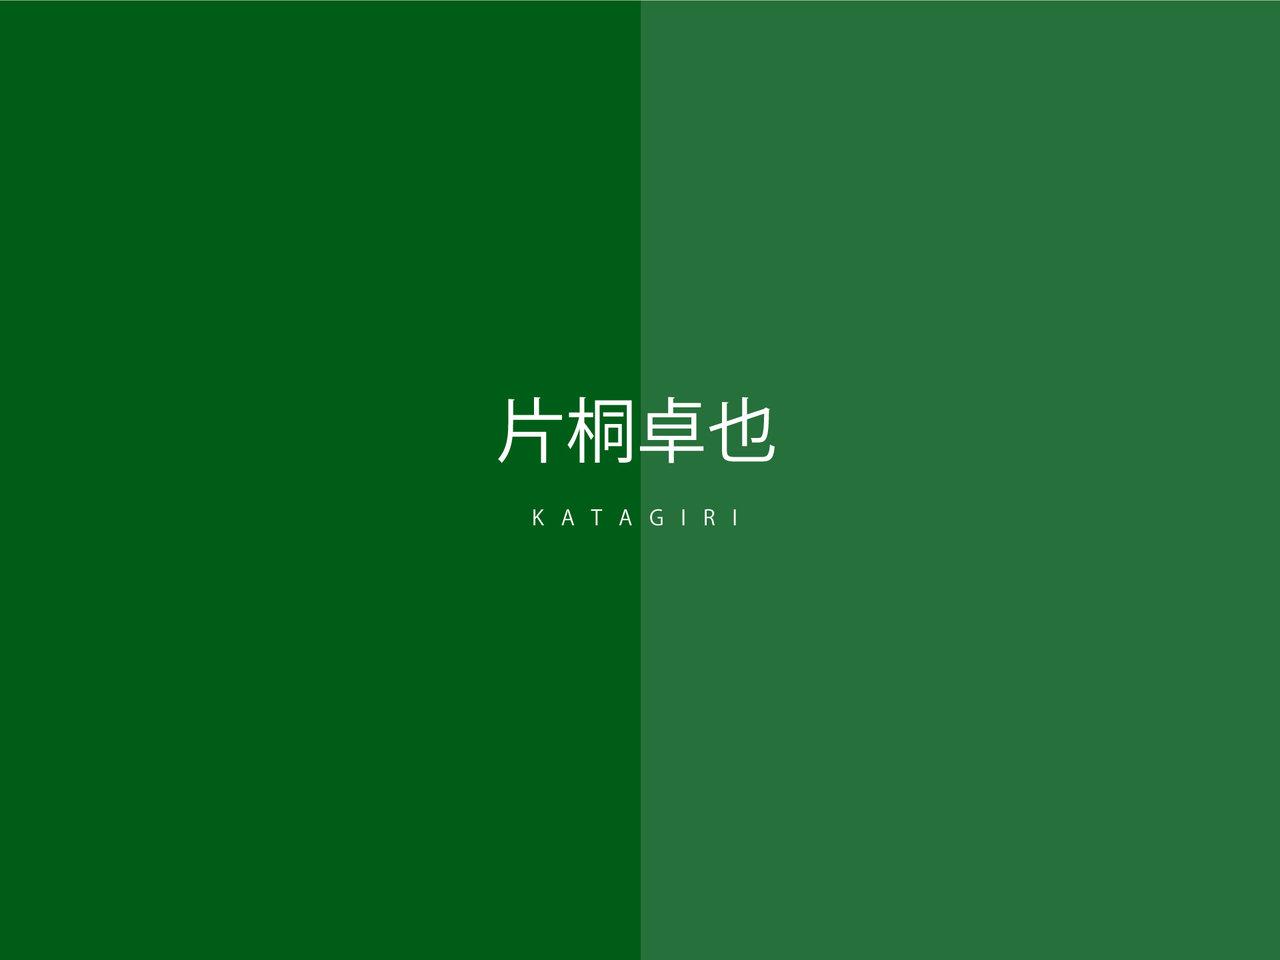 話題のソプラノ歌手ランツハマーの日本初リサイタルを聴く